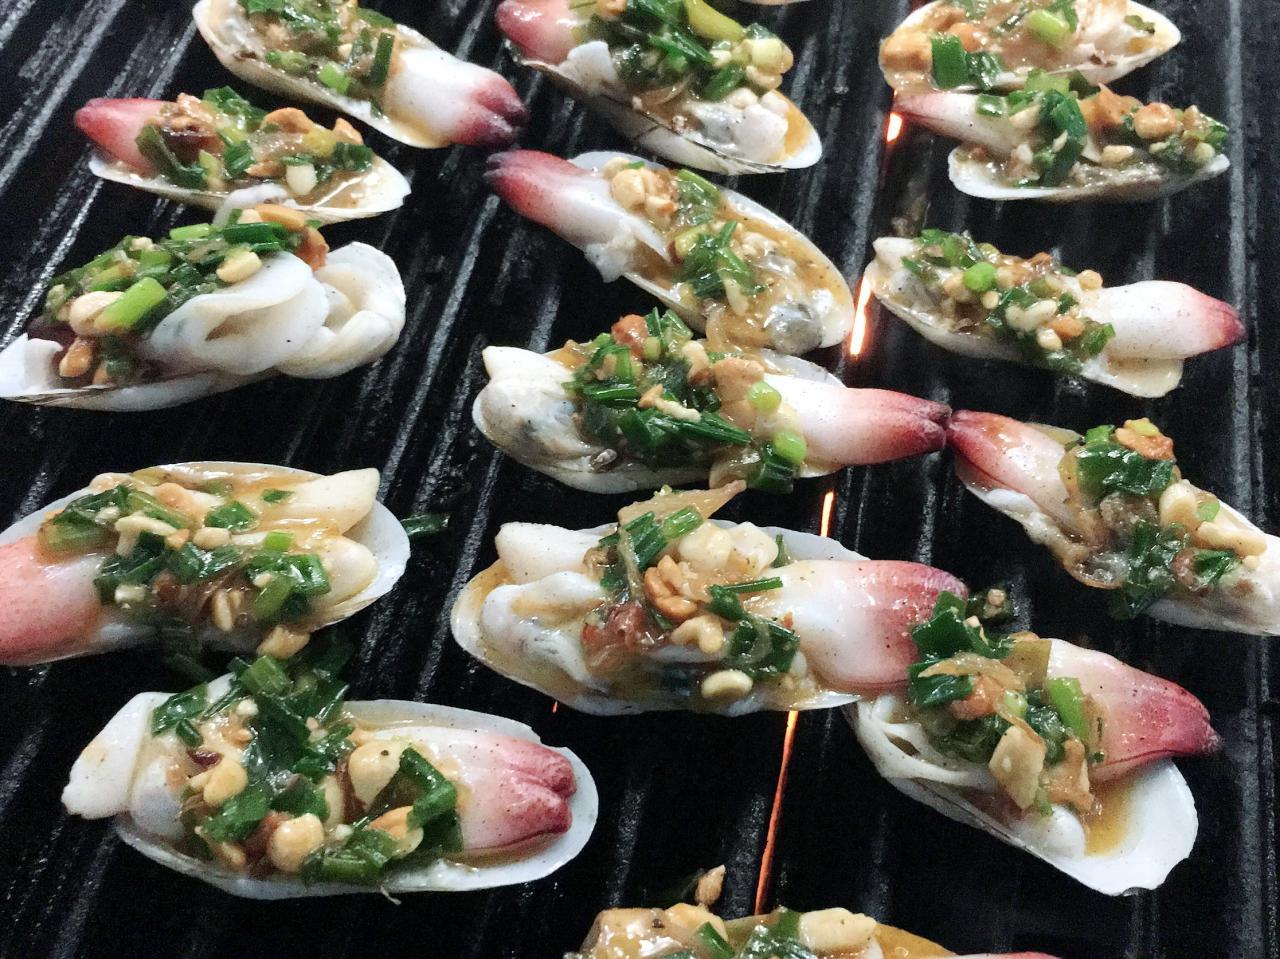 Tu Hài – Khám phá món hải sản được nhiều người yêu thích